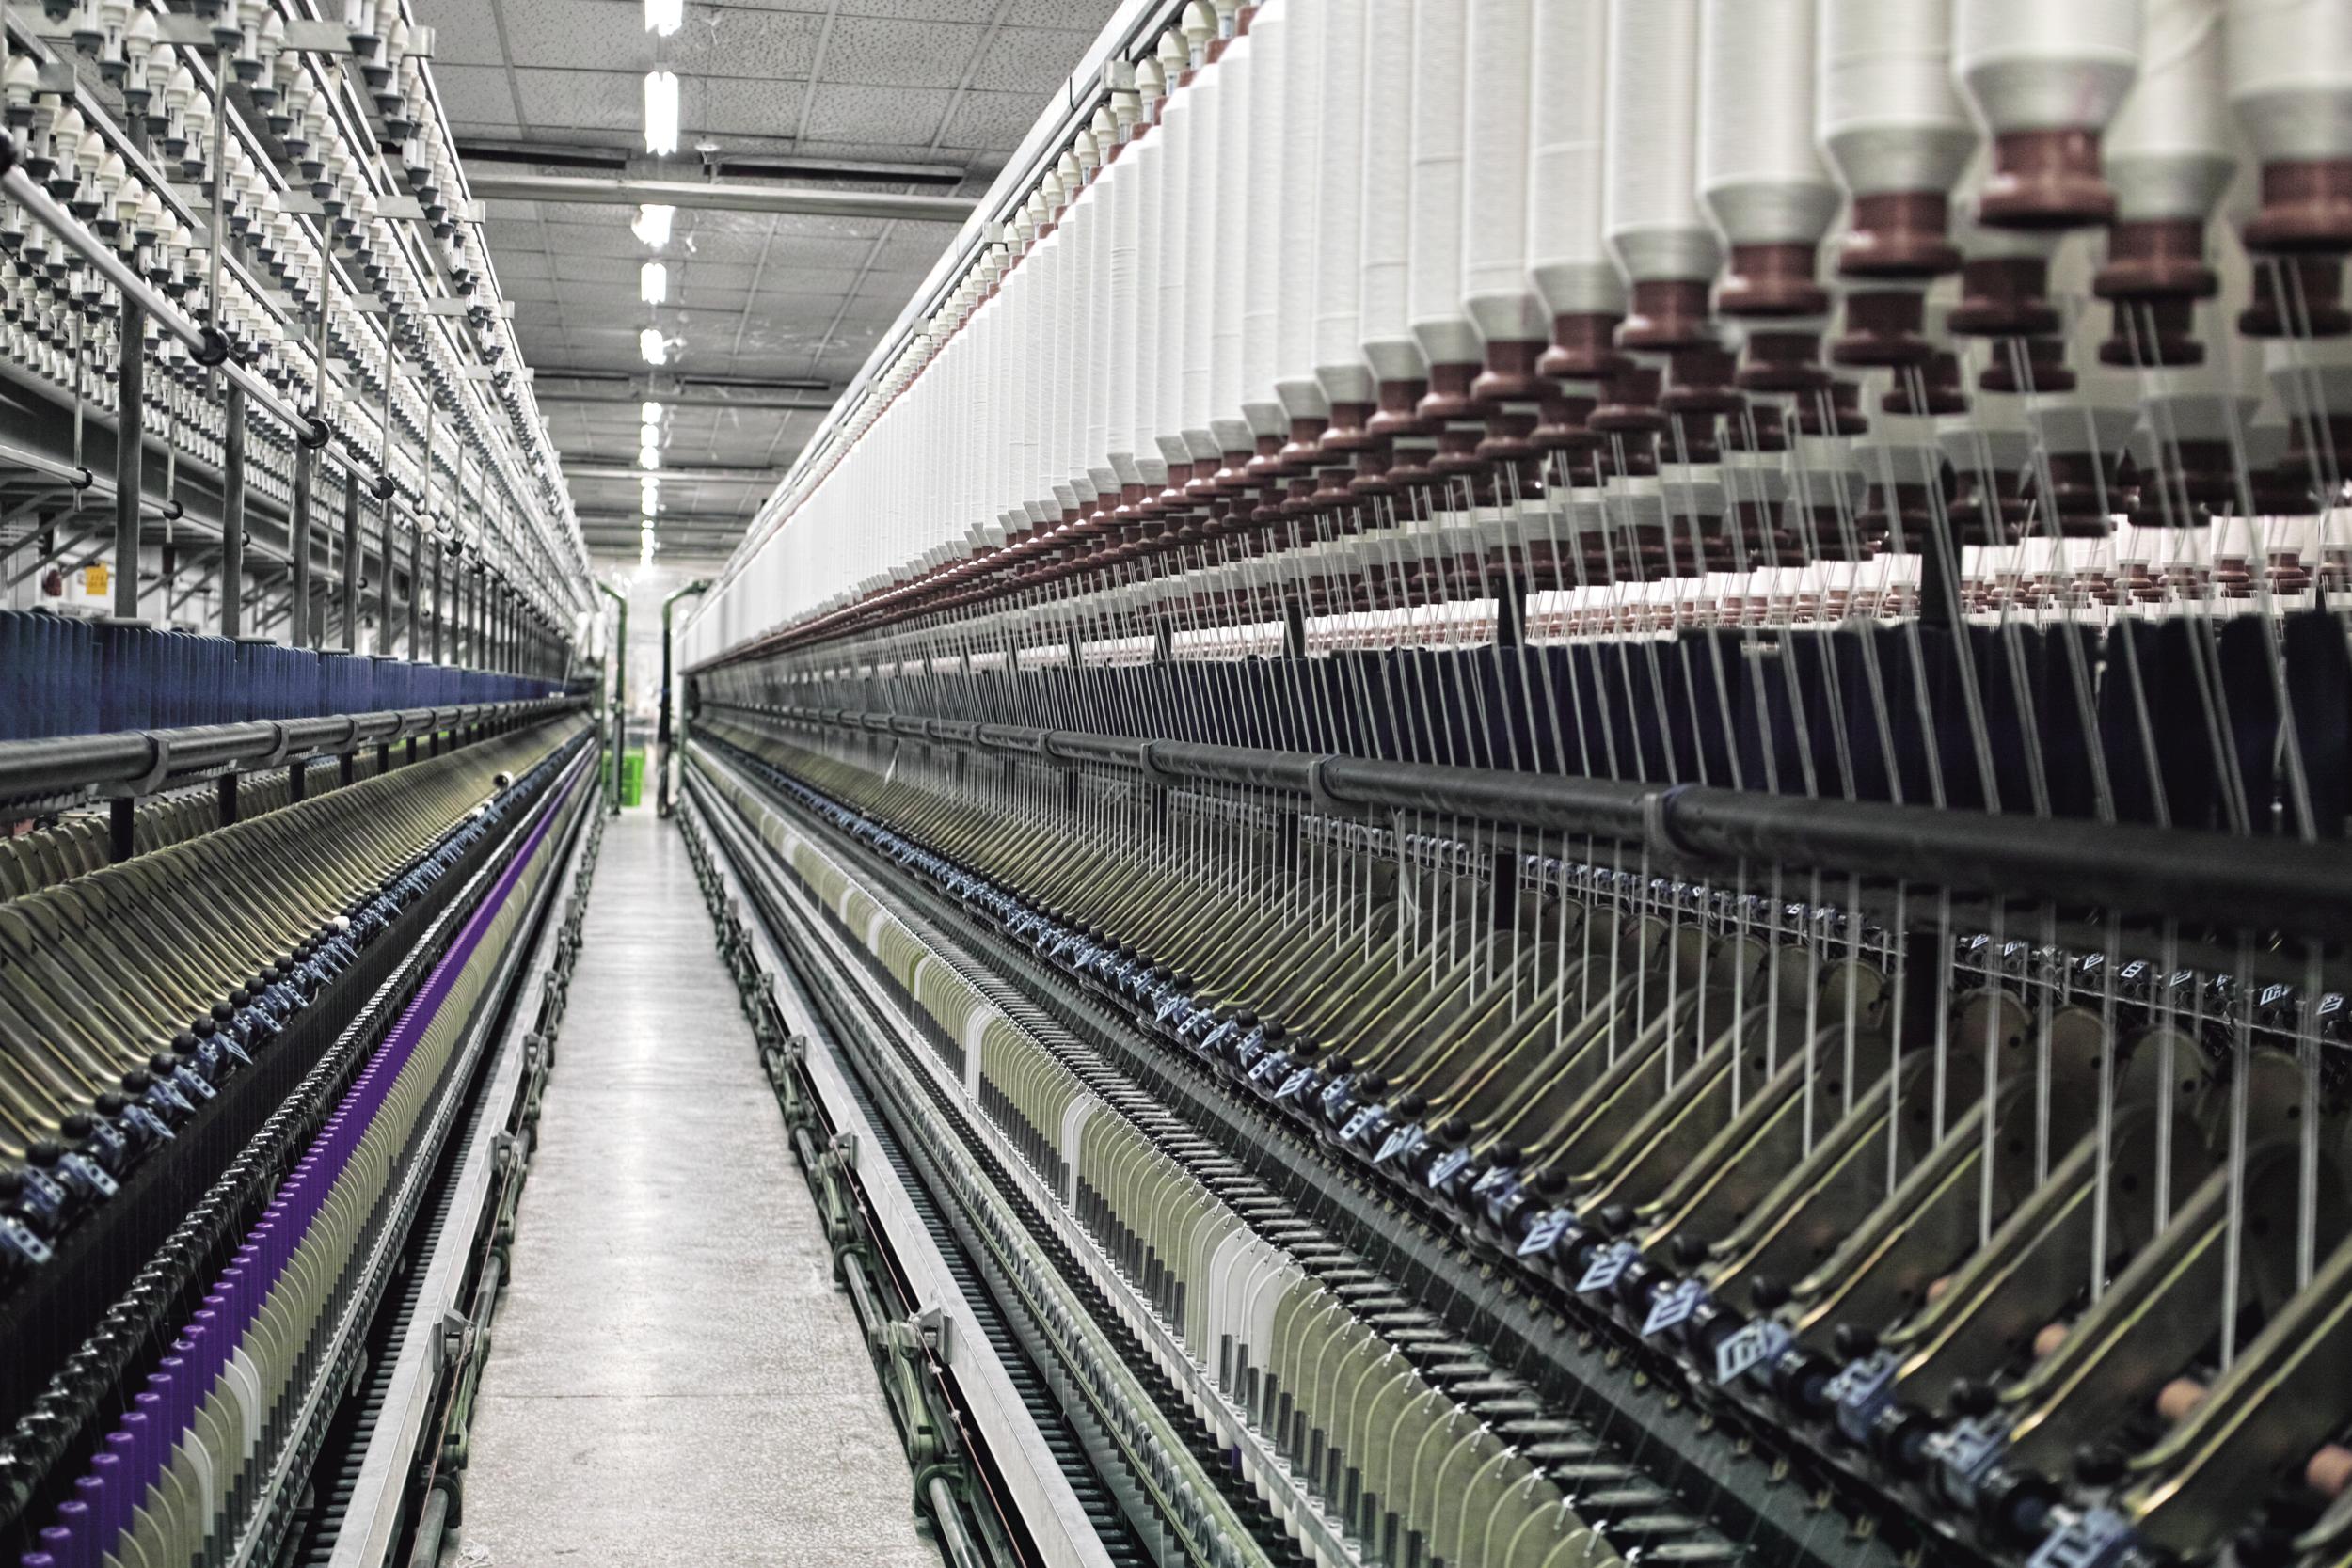 Elan Textile Taiwan